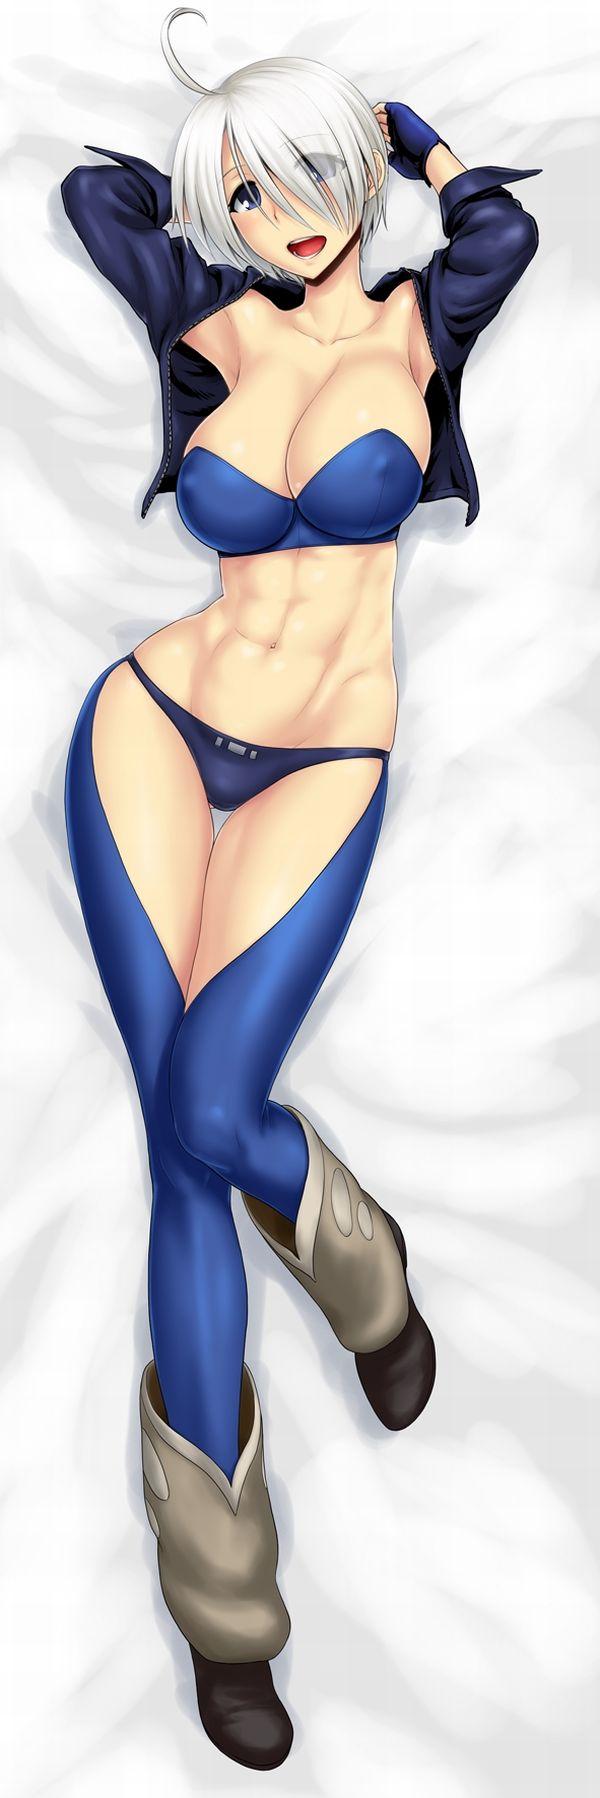 嘘喰いのエロ画像探したけど無かったので・・・亜面真琴立会人みたいな体した筋肉女子の二次エロ画像 【28】